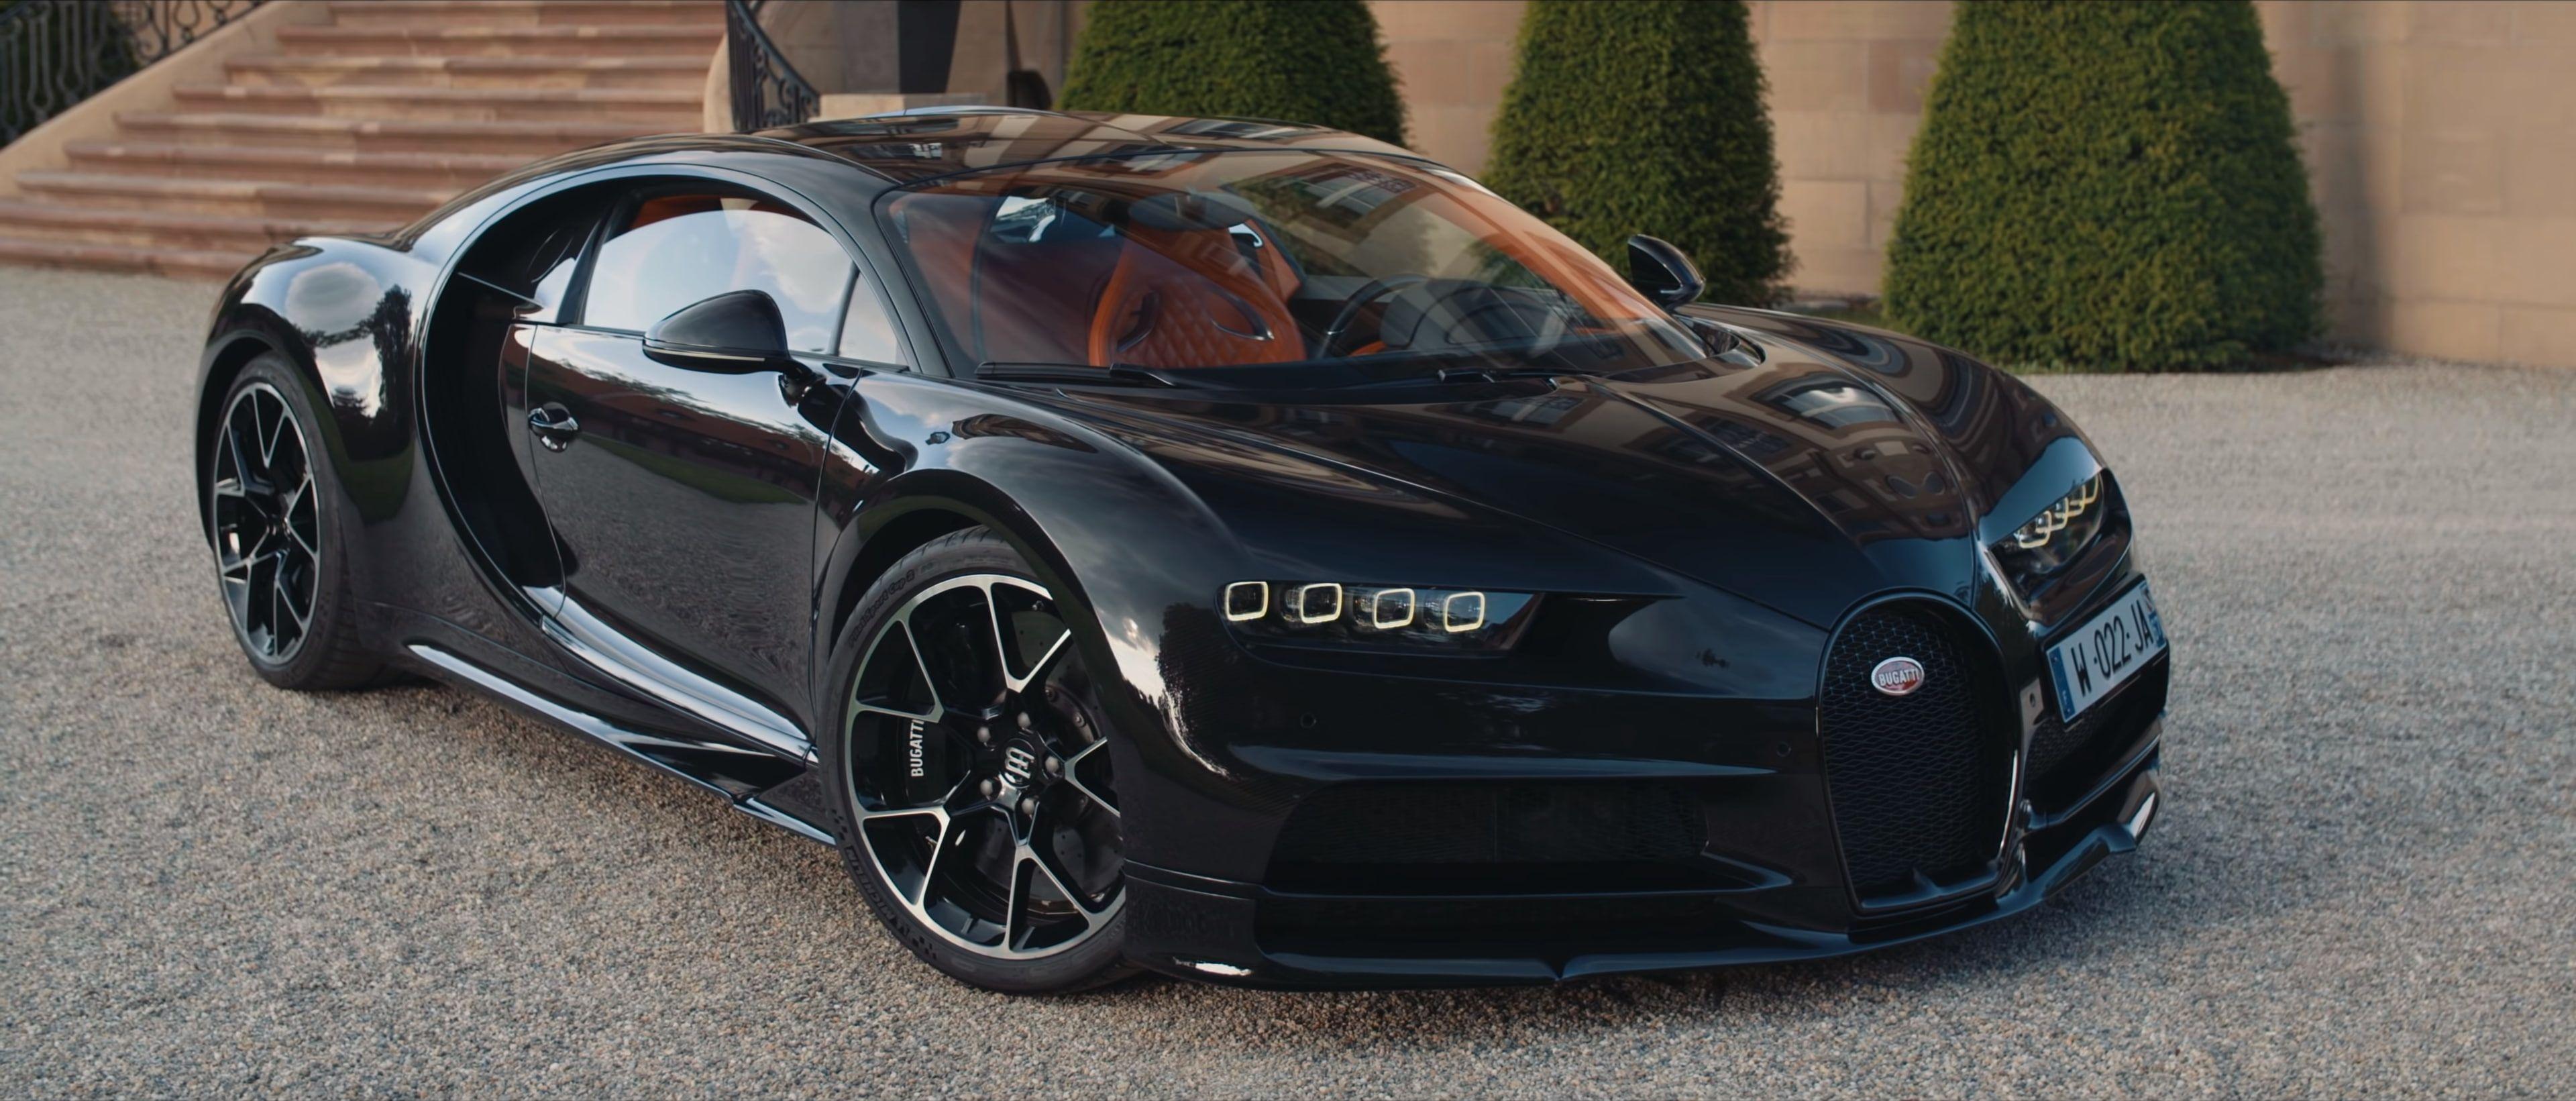 Car Luxury Expensive Black Wealth Bugatti Bugatti Chiron 4k Wallpaper Hdwallpaper Desktop Bugatti Bugatti Chiron Luxury